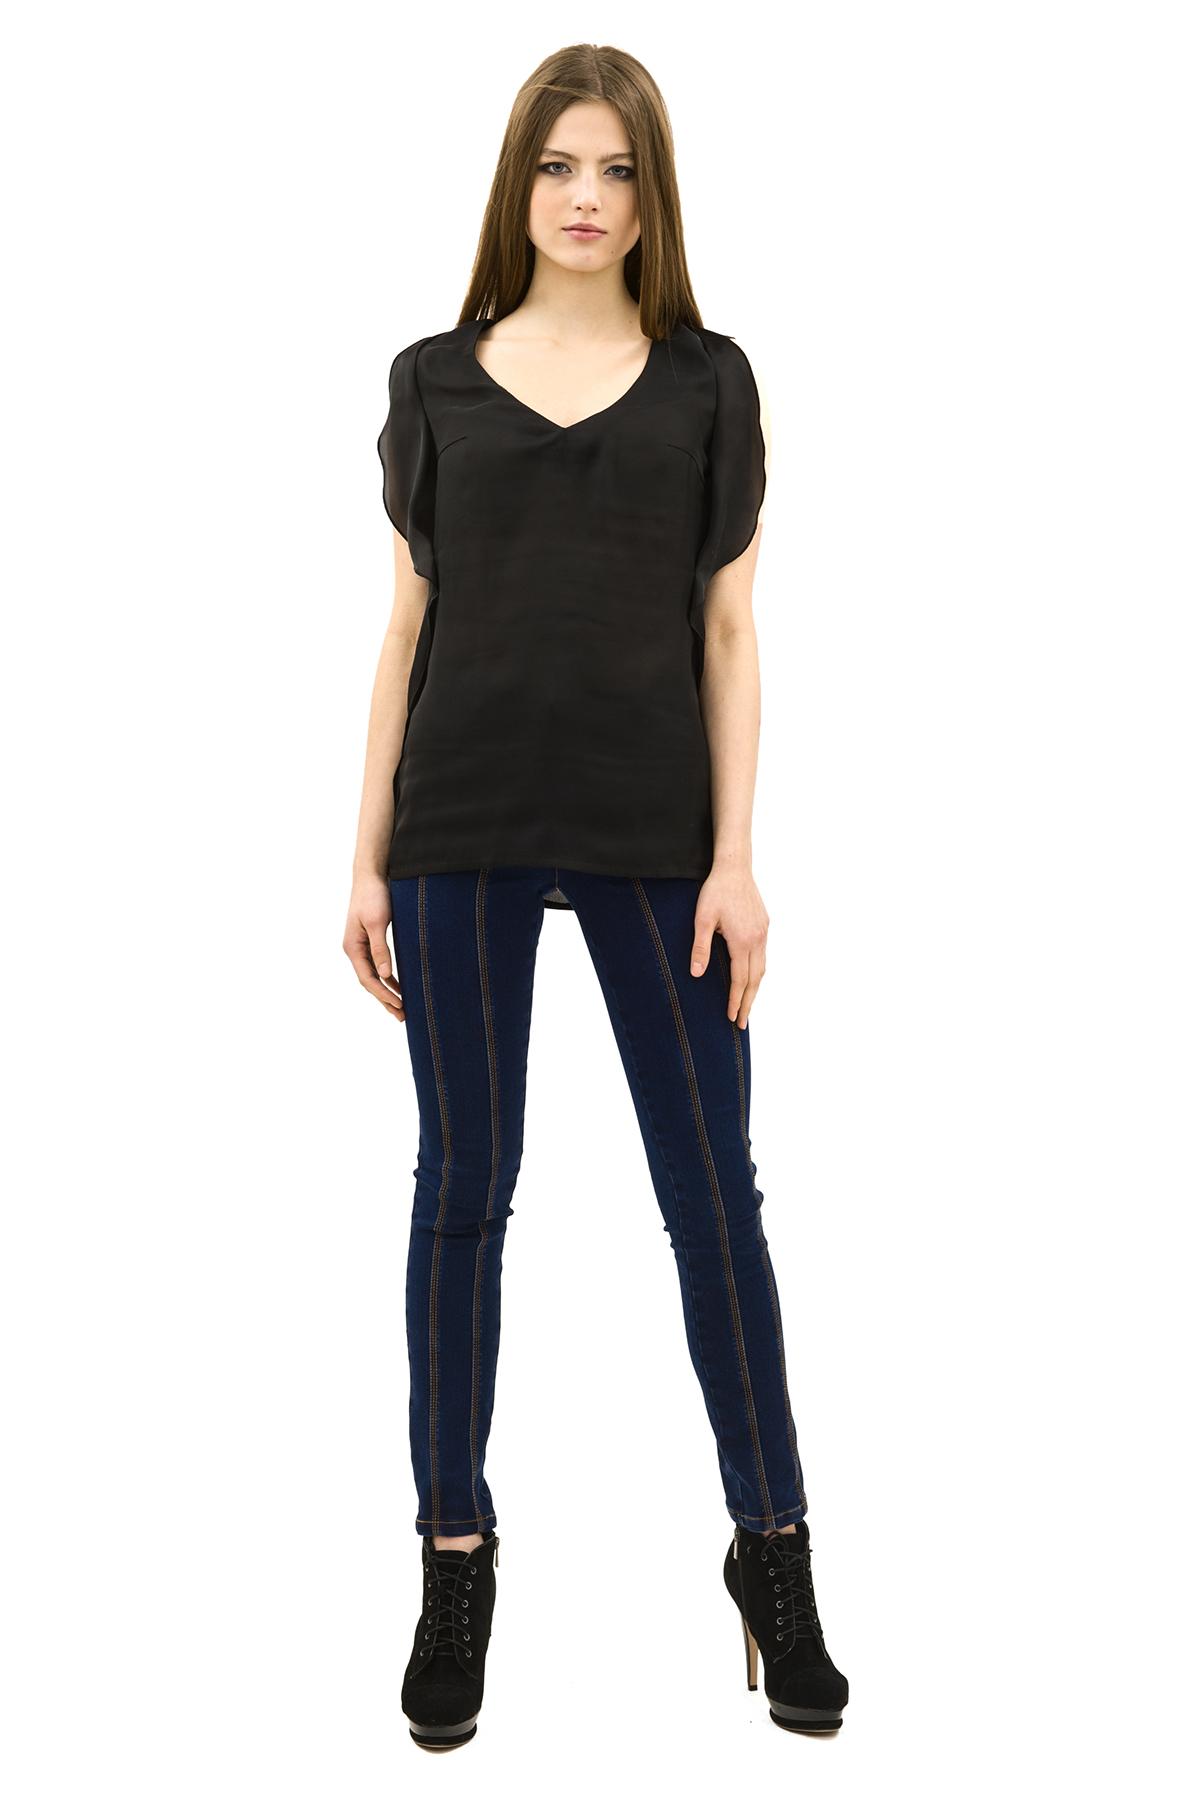 БлузаЖенские блузки<br>Эффектная блузка Doctor E привлечет к Вам всеобщее внимание и подчеркнет Ваш оригинальный вкус. Модель выполнена из полупрозрачного материала и оформлена. Изделие будет удачно гармонировать с любыми предметами гардероба.<br><br>Цвет: черный<br>Состав: 97% полиэстер, 3% лайкра<br>Размер: 42,44,46,48,50,52,54,56,58,60<br>Страна дизайна: Россия<br>Страна производства: Россия